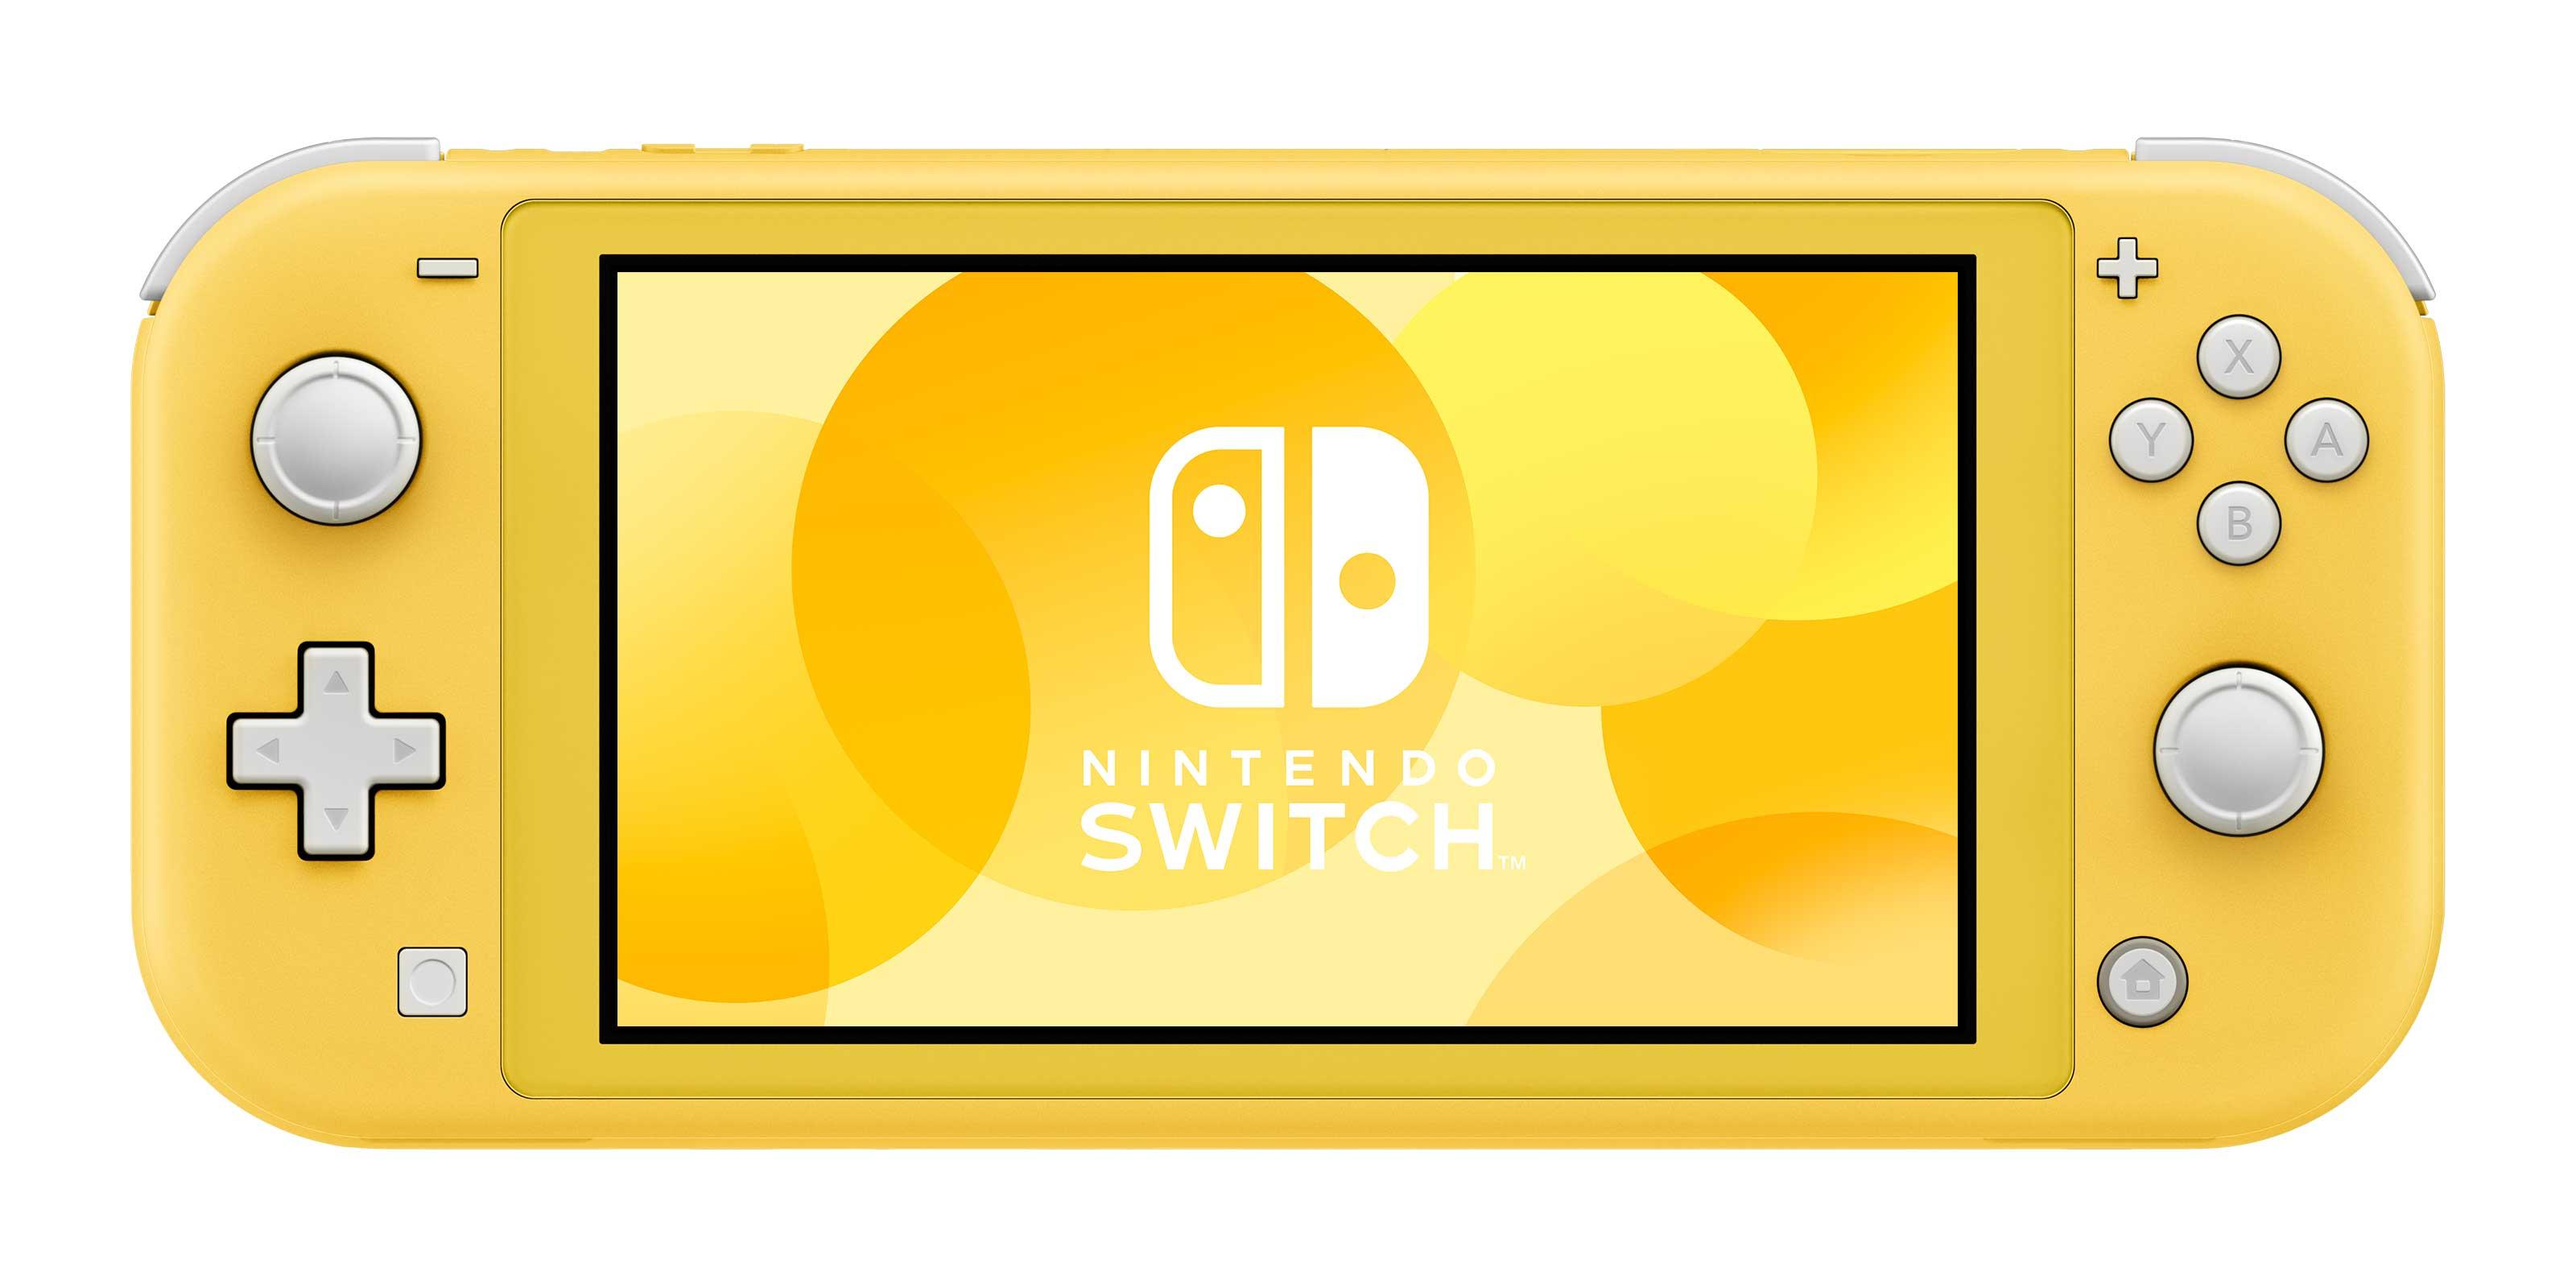 NintendoSwitchLite